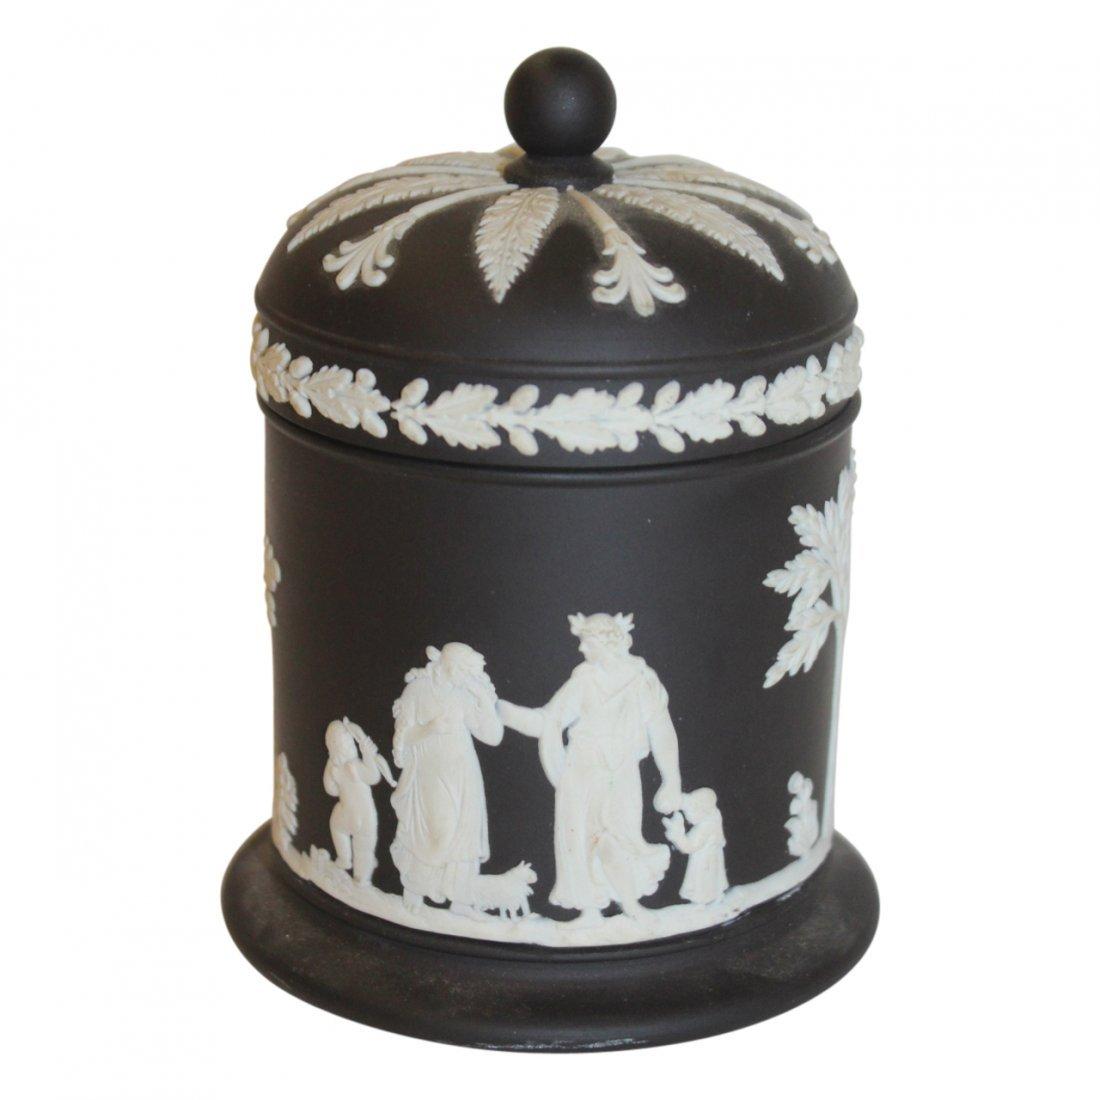 Black Wedgwood Covered Jar